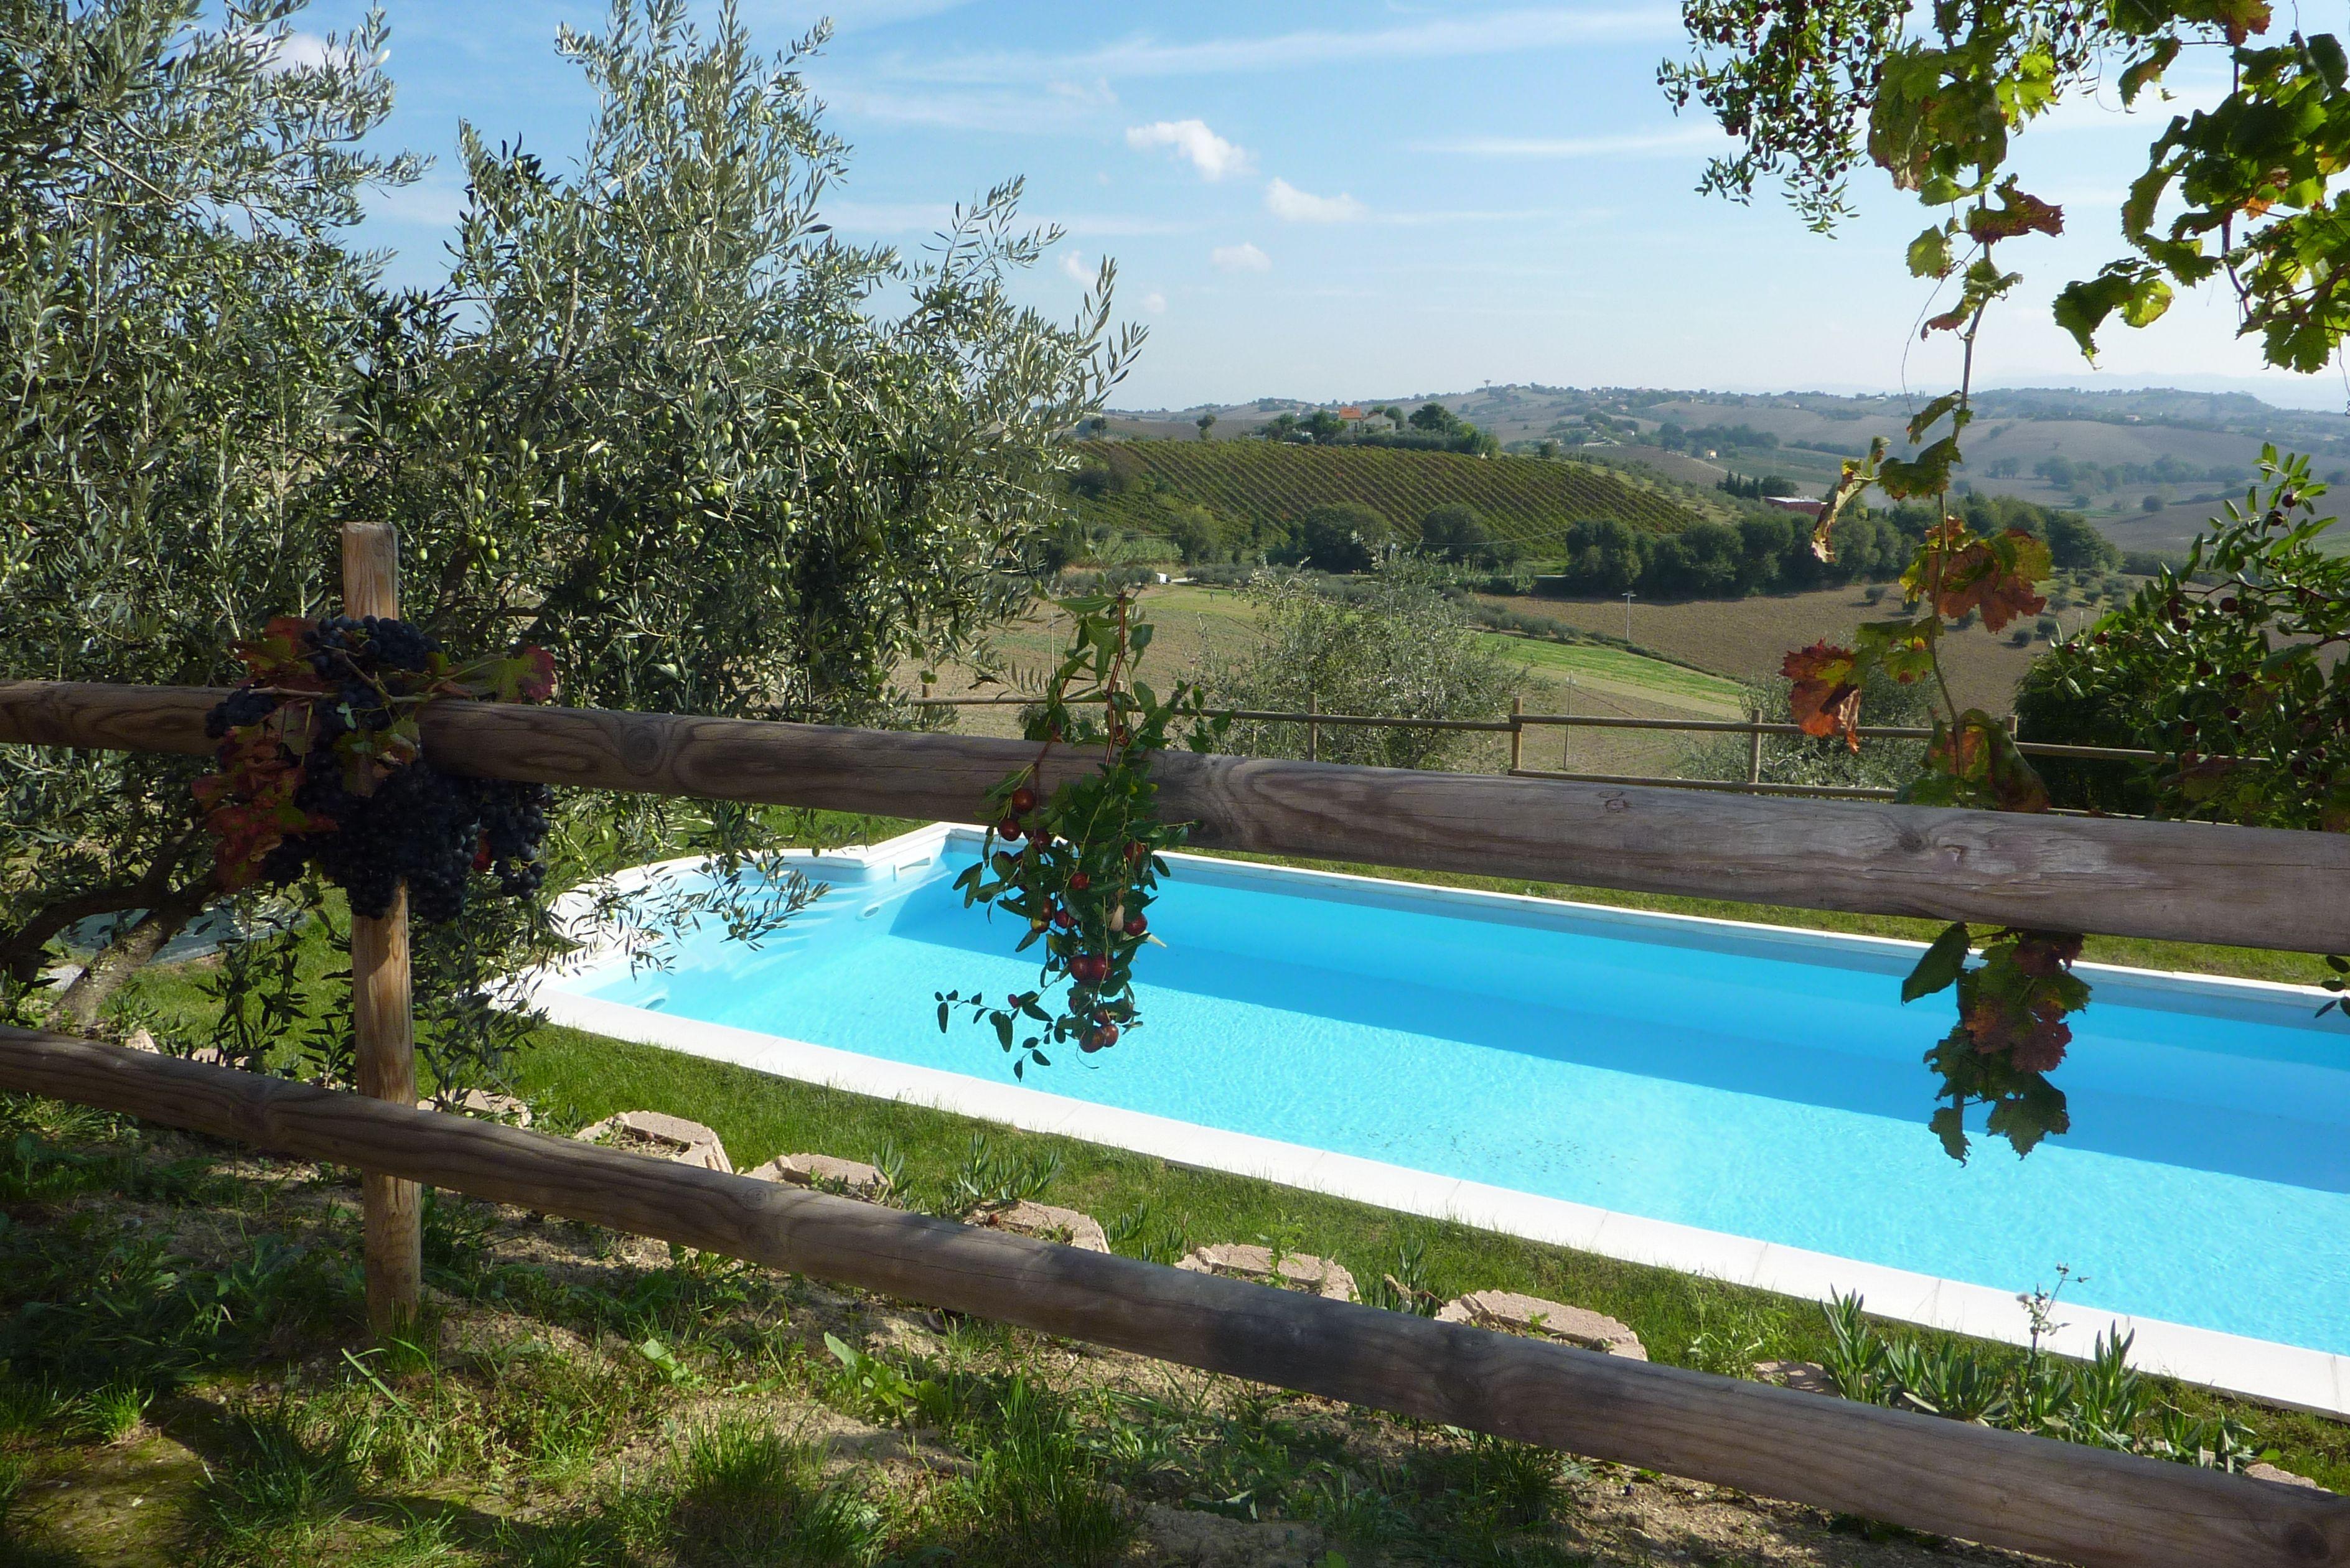 Giardini e piscina terrazzata sui della Villa